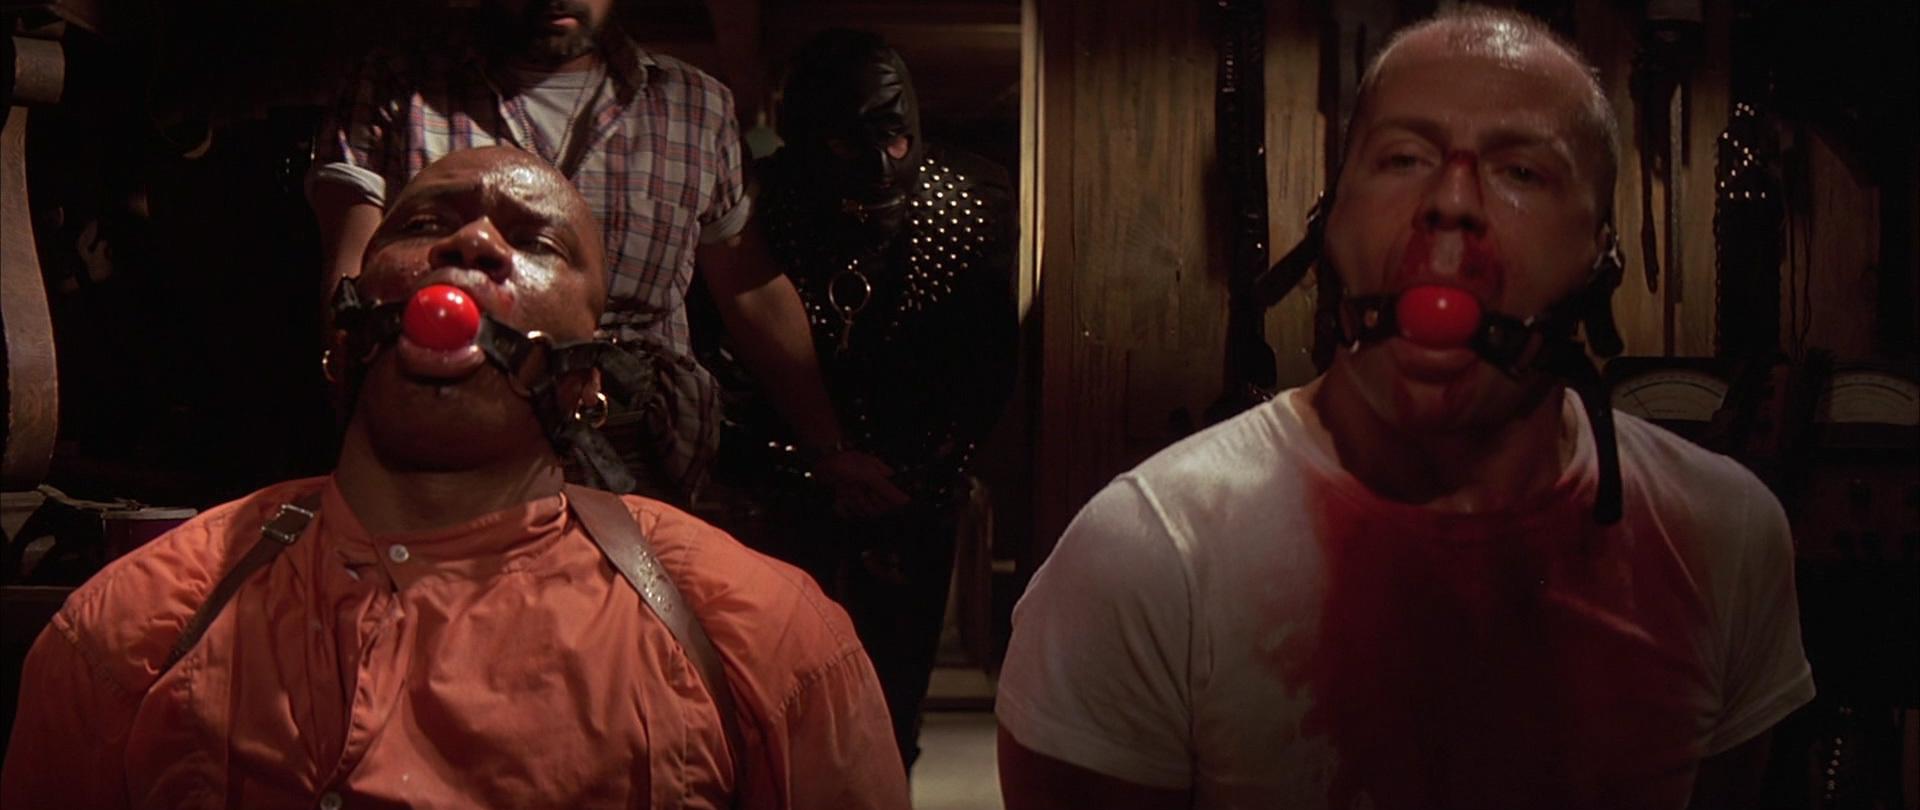 Кадры из фильма смотреть онлайн криминальное чтиво квентин тарантино